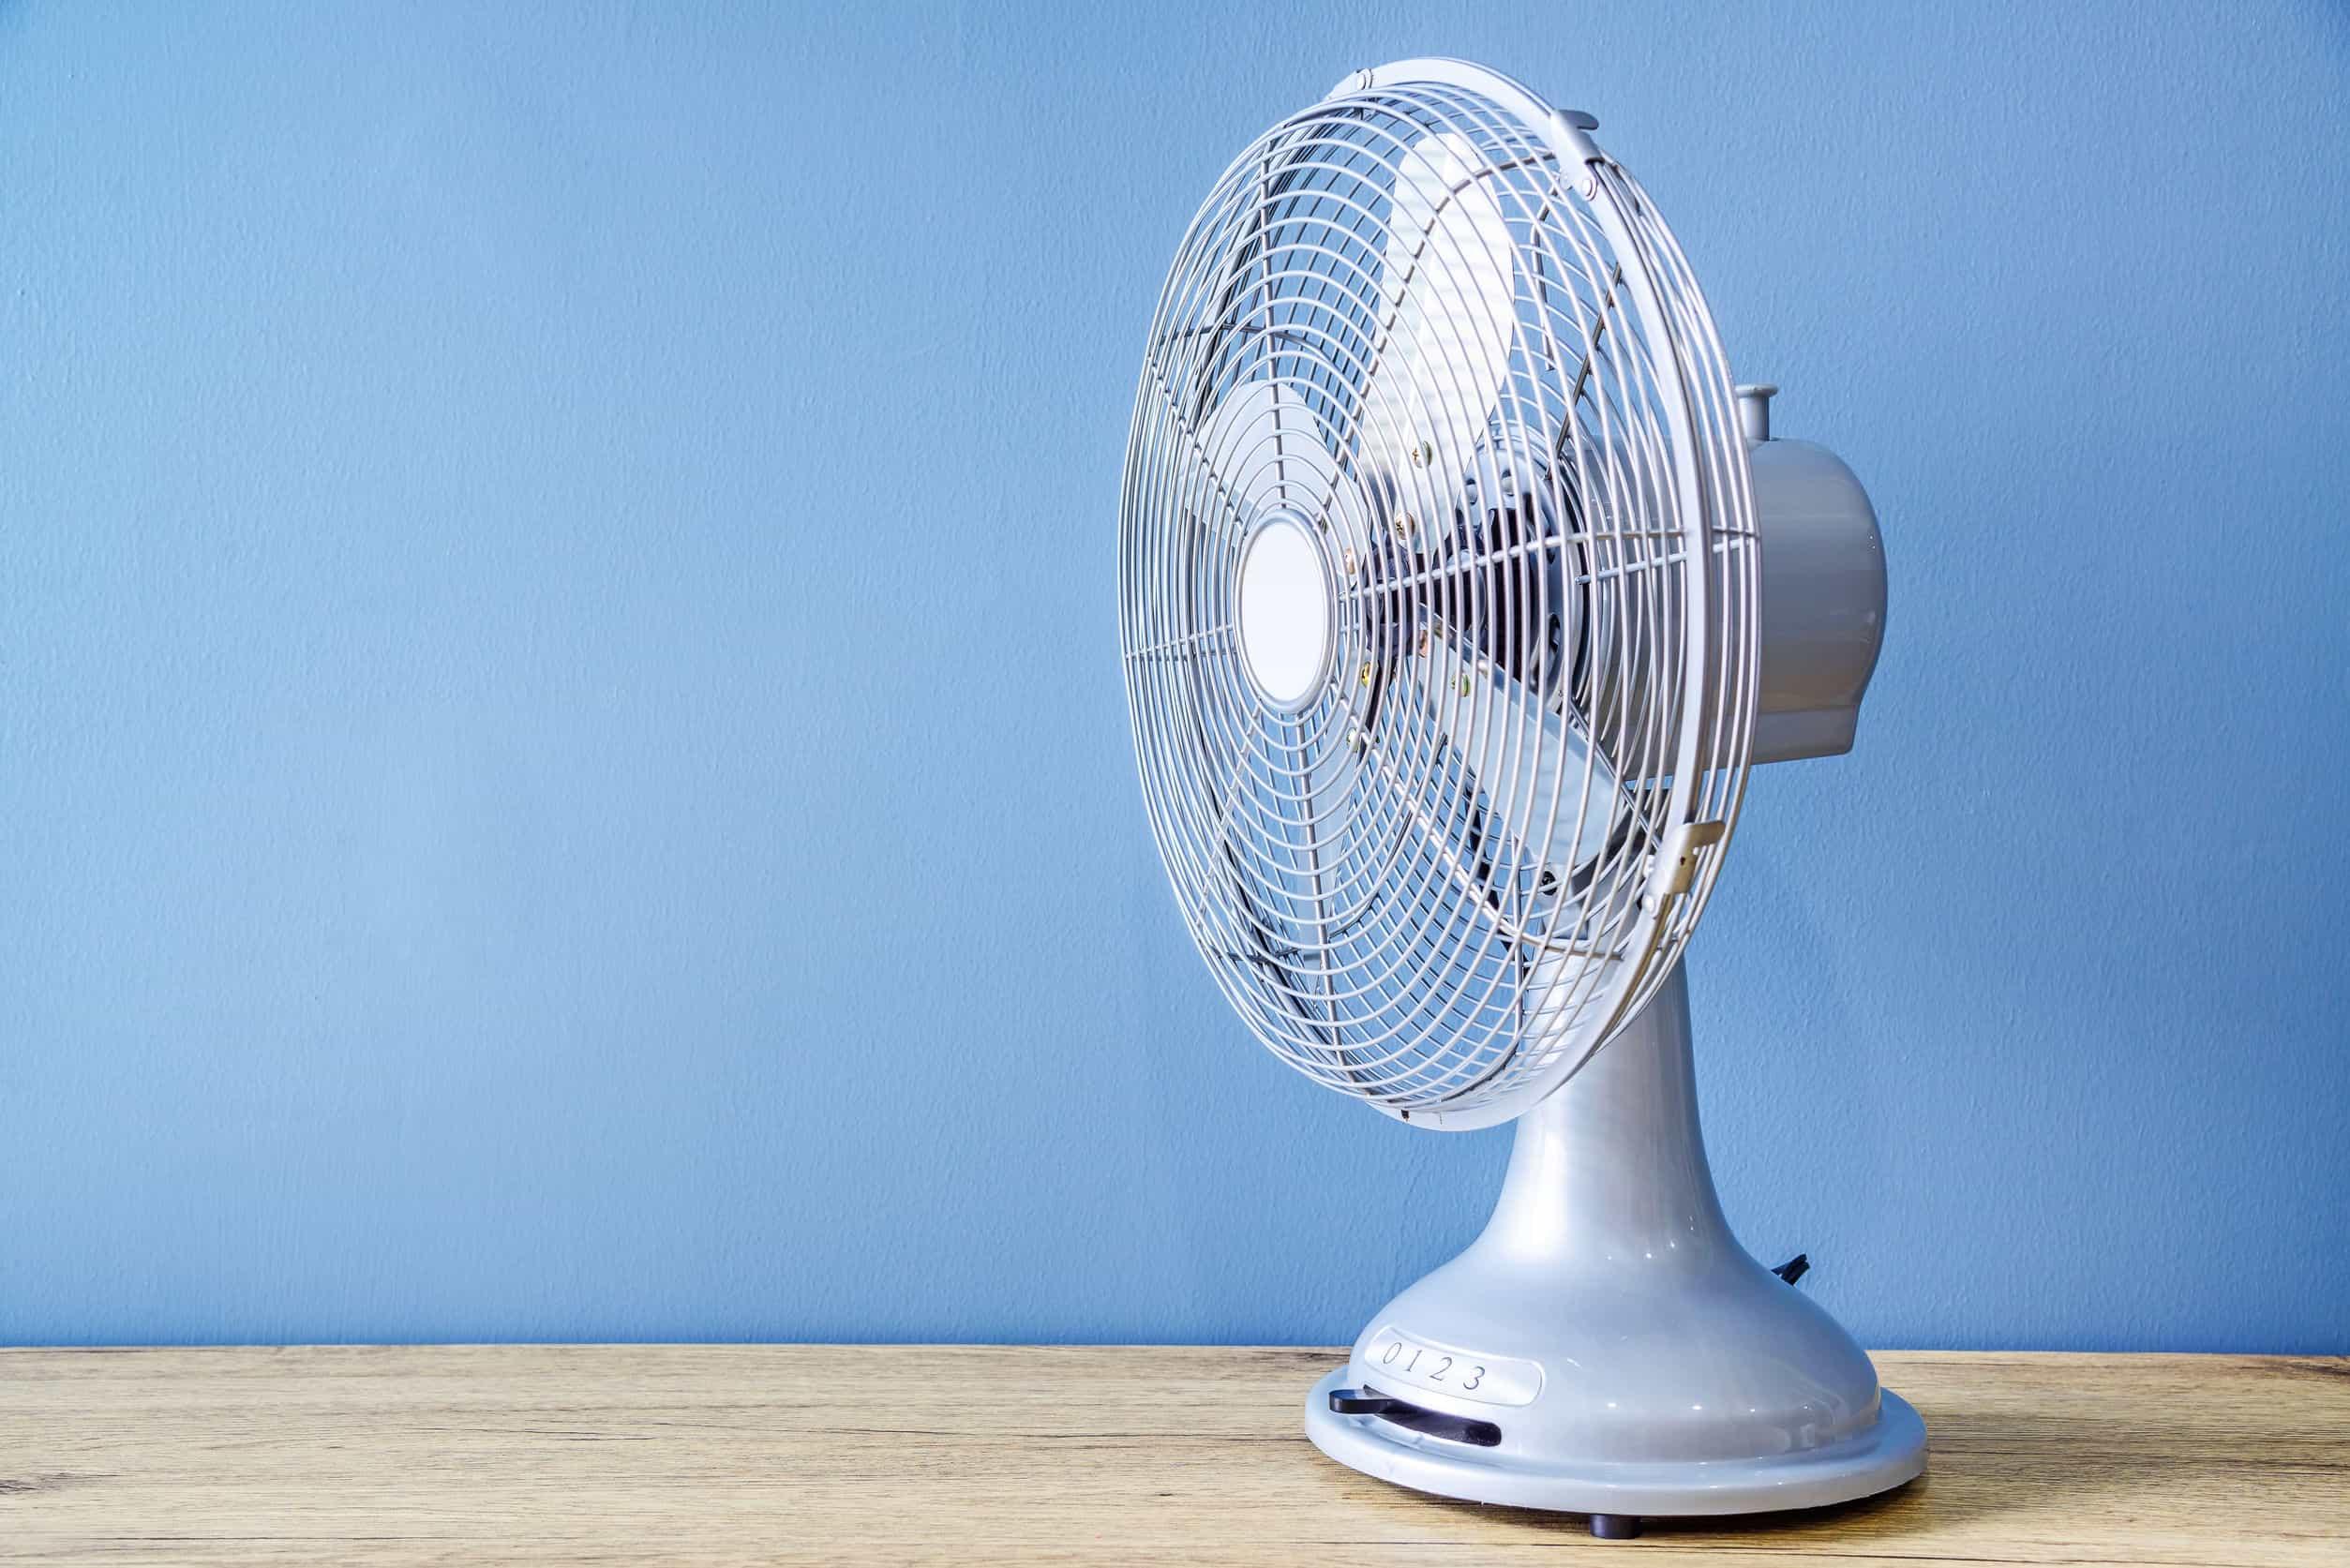 Na foto um ventilador em cima de uma superfície de madeira em frente a uma parede azul.